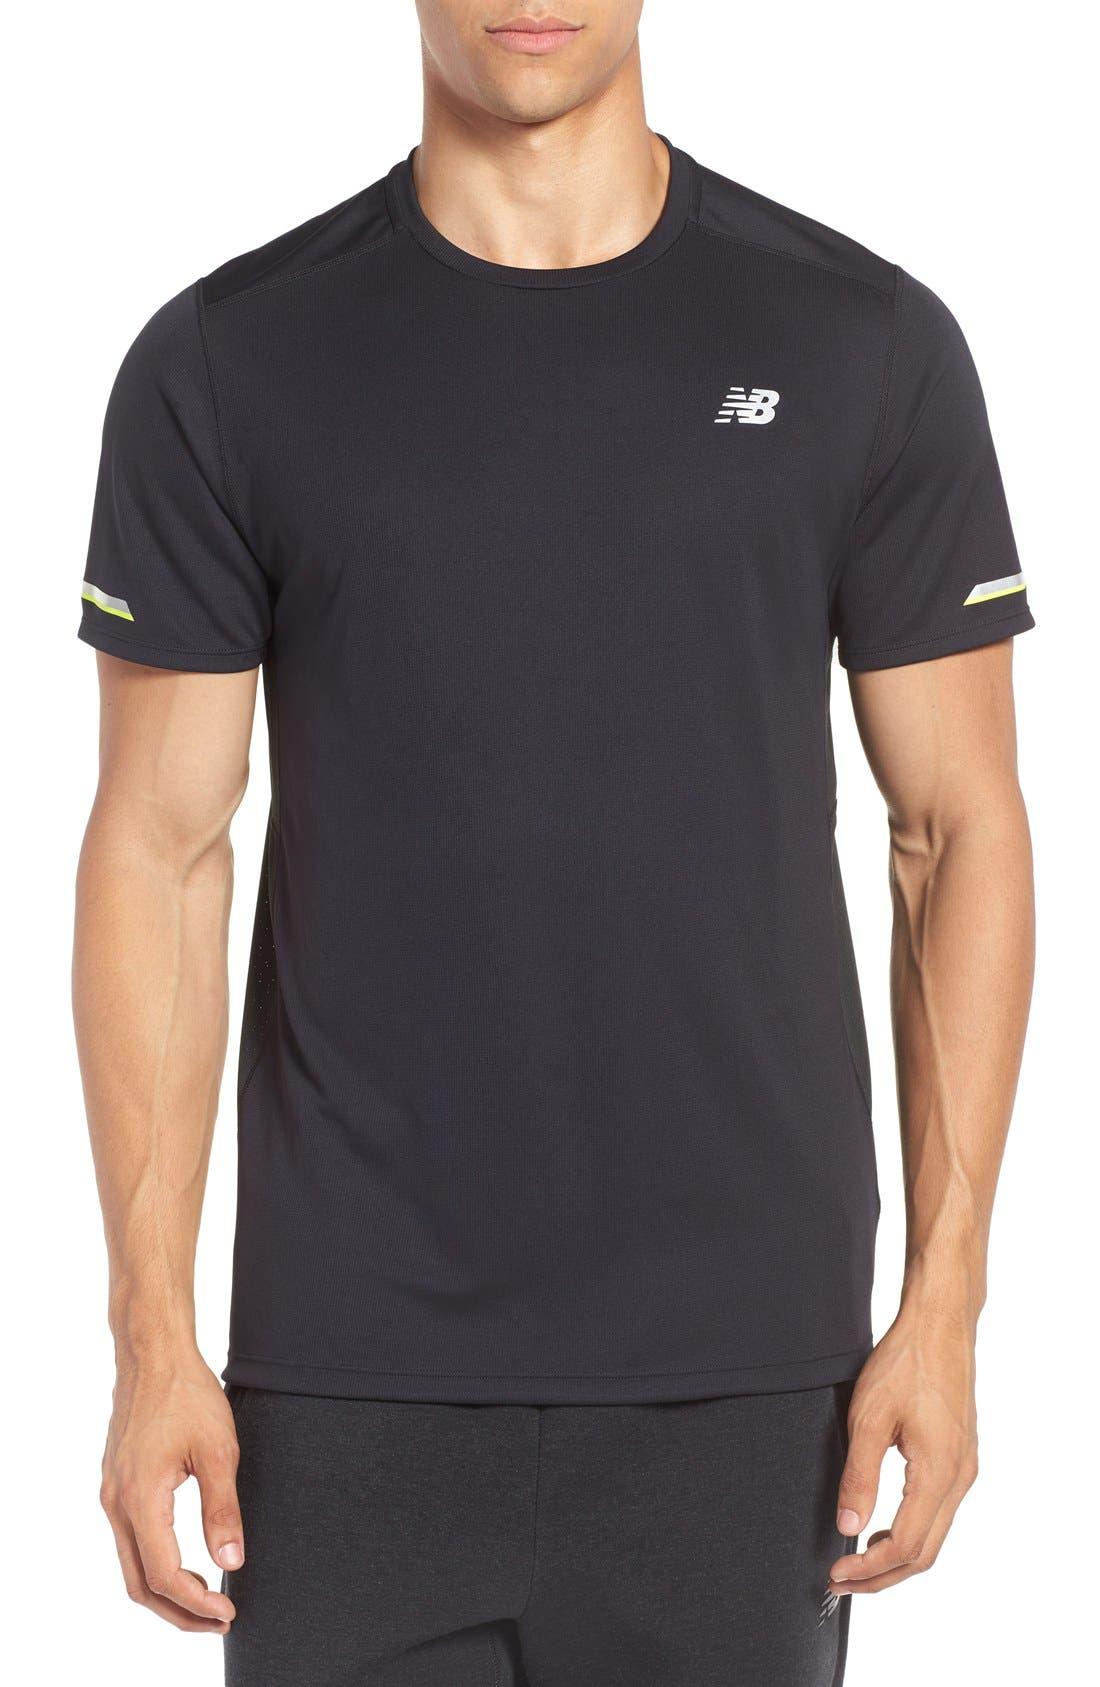 New Balance 'Ice' Athletic Training Shirt